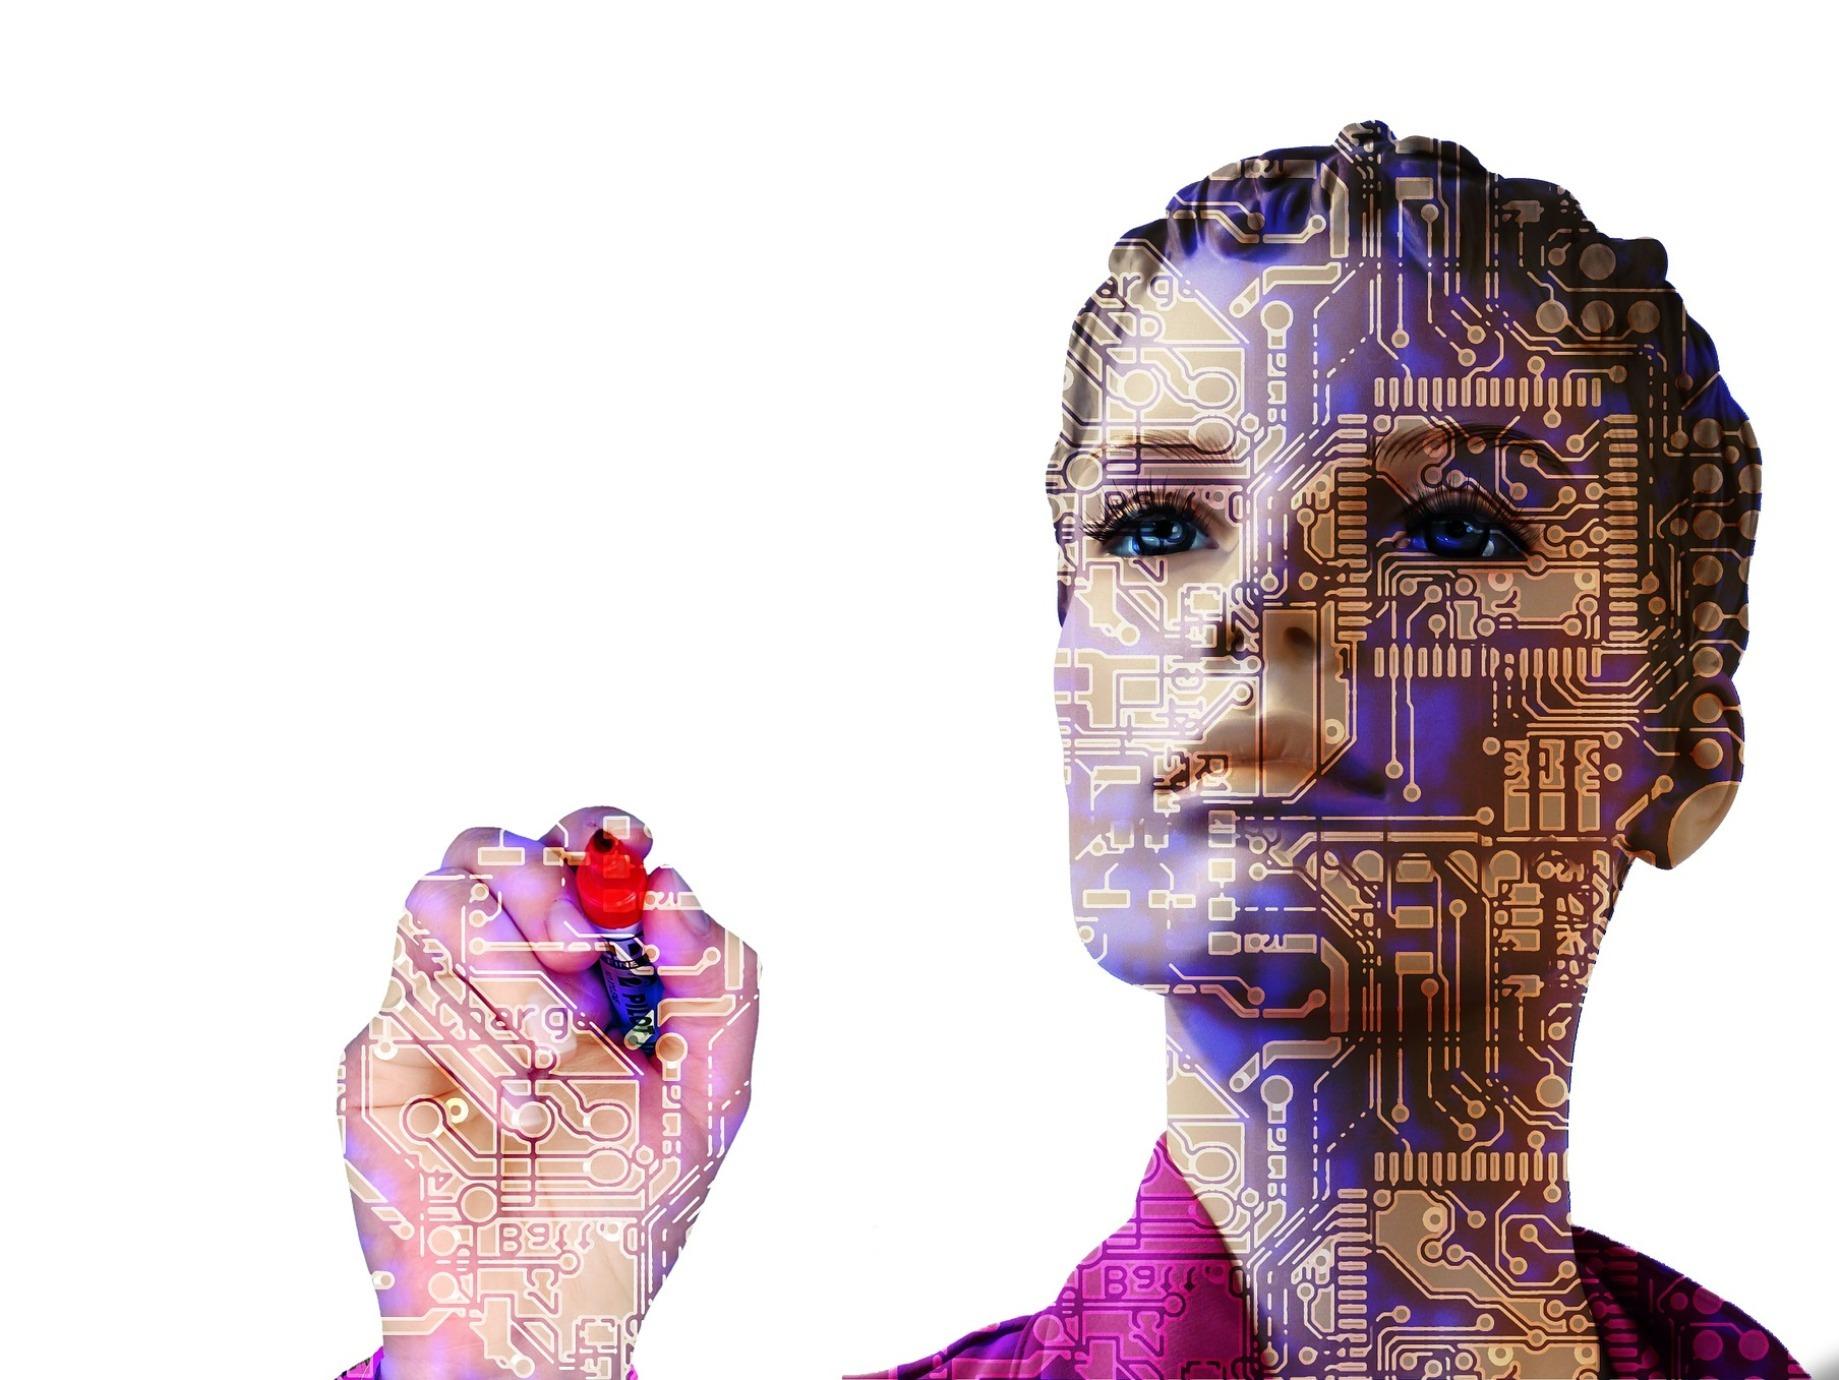 李開復:面對人工智慧時代,讓強者更強、弱者也能更好